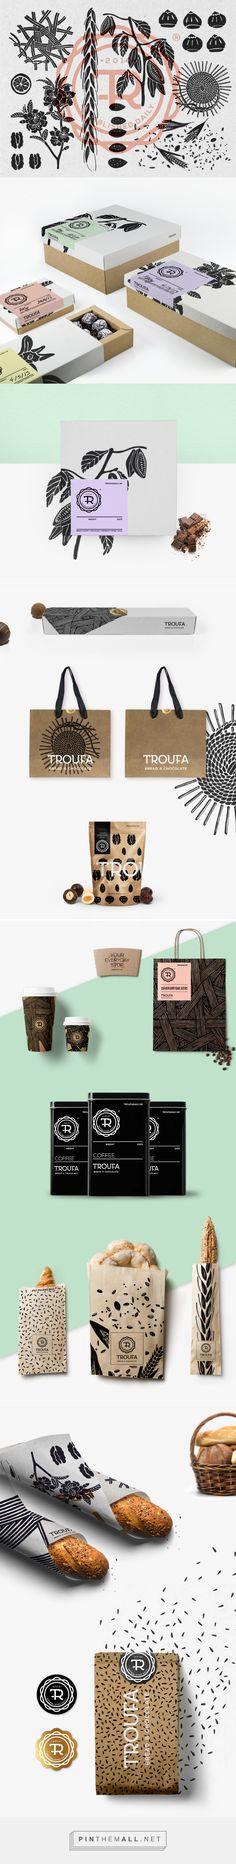 Troufa Branding on Behance | Fivestar Branding – Design and Branding Agency…